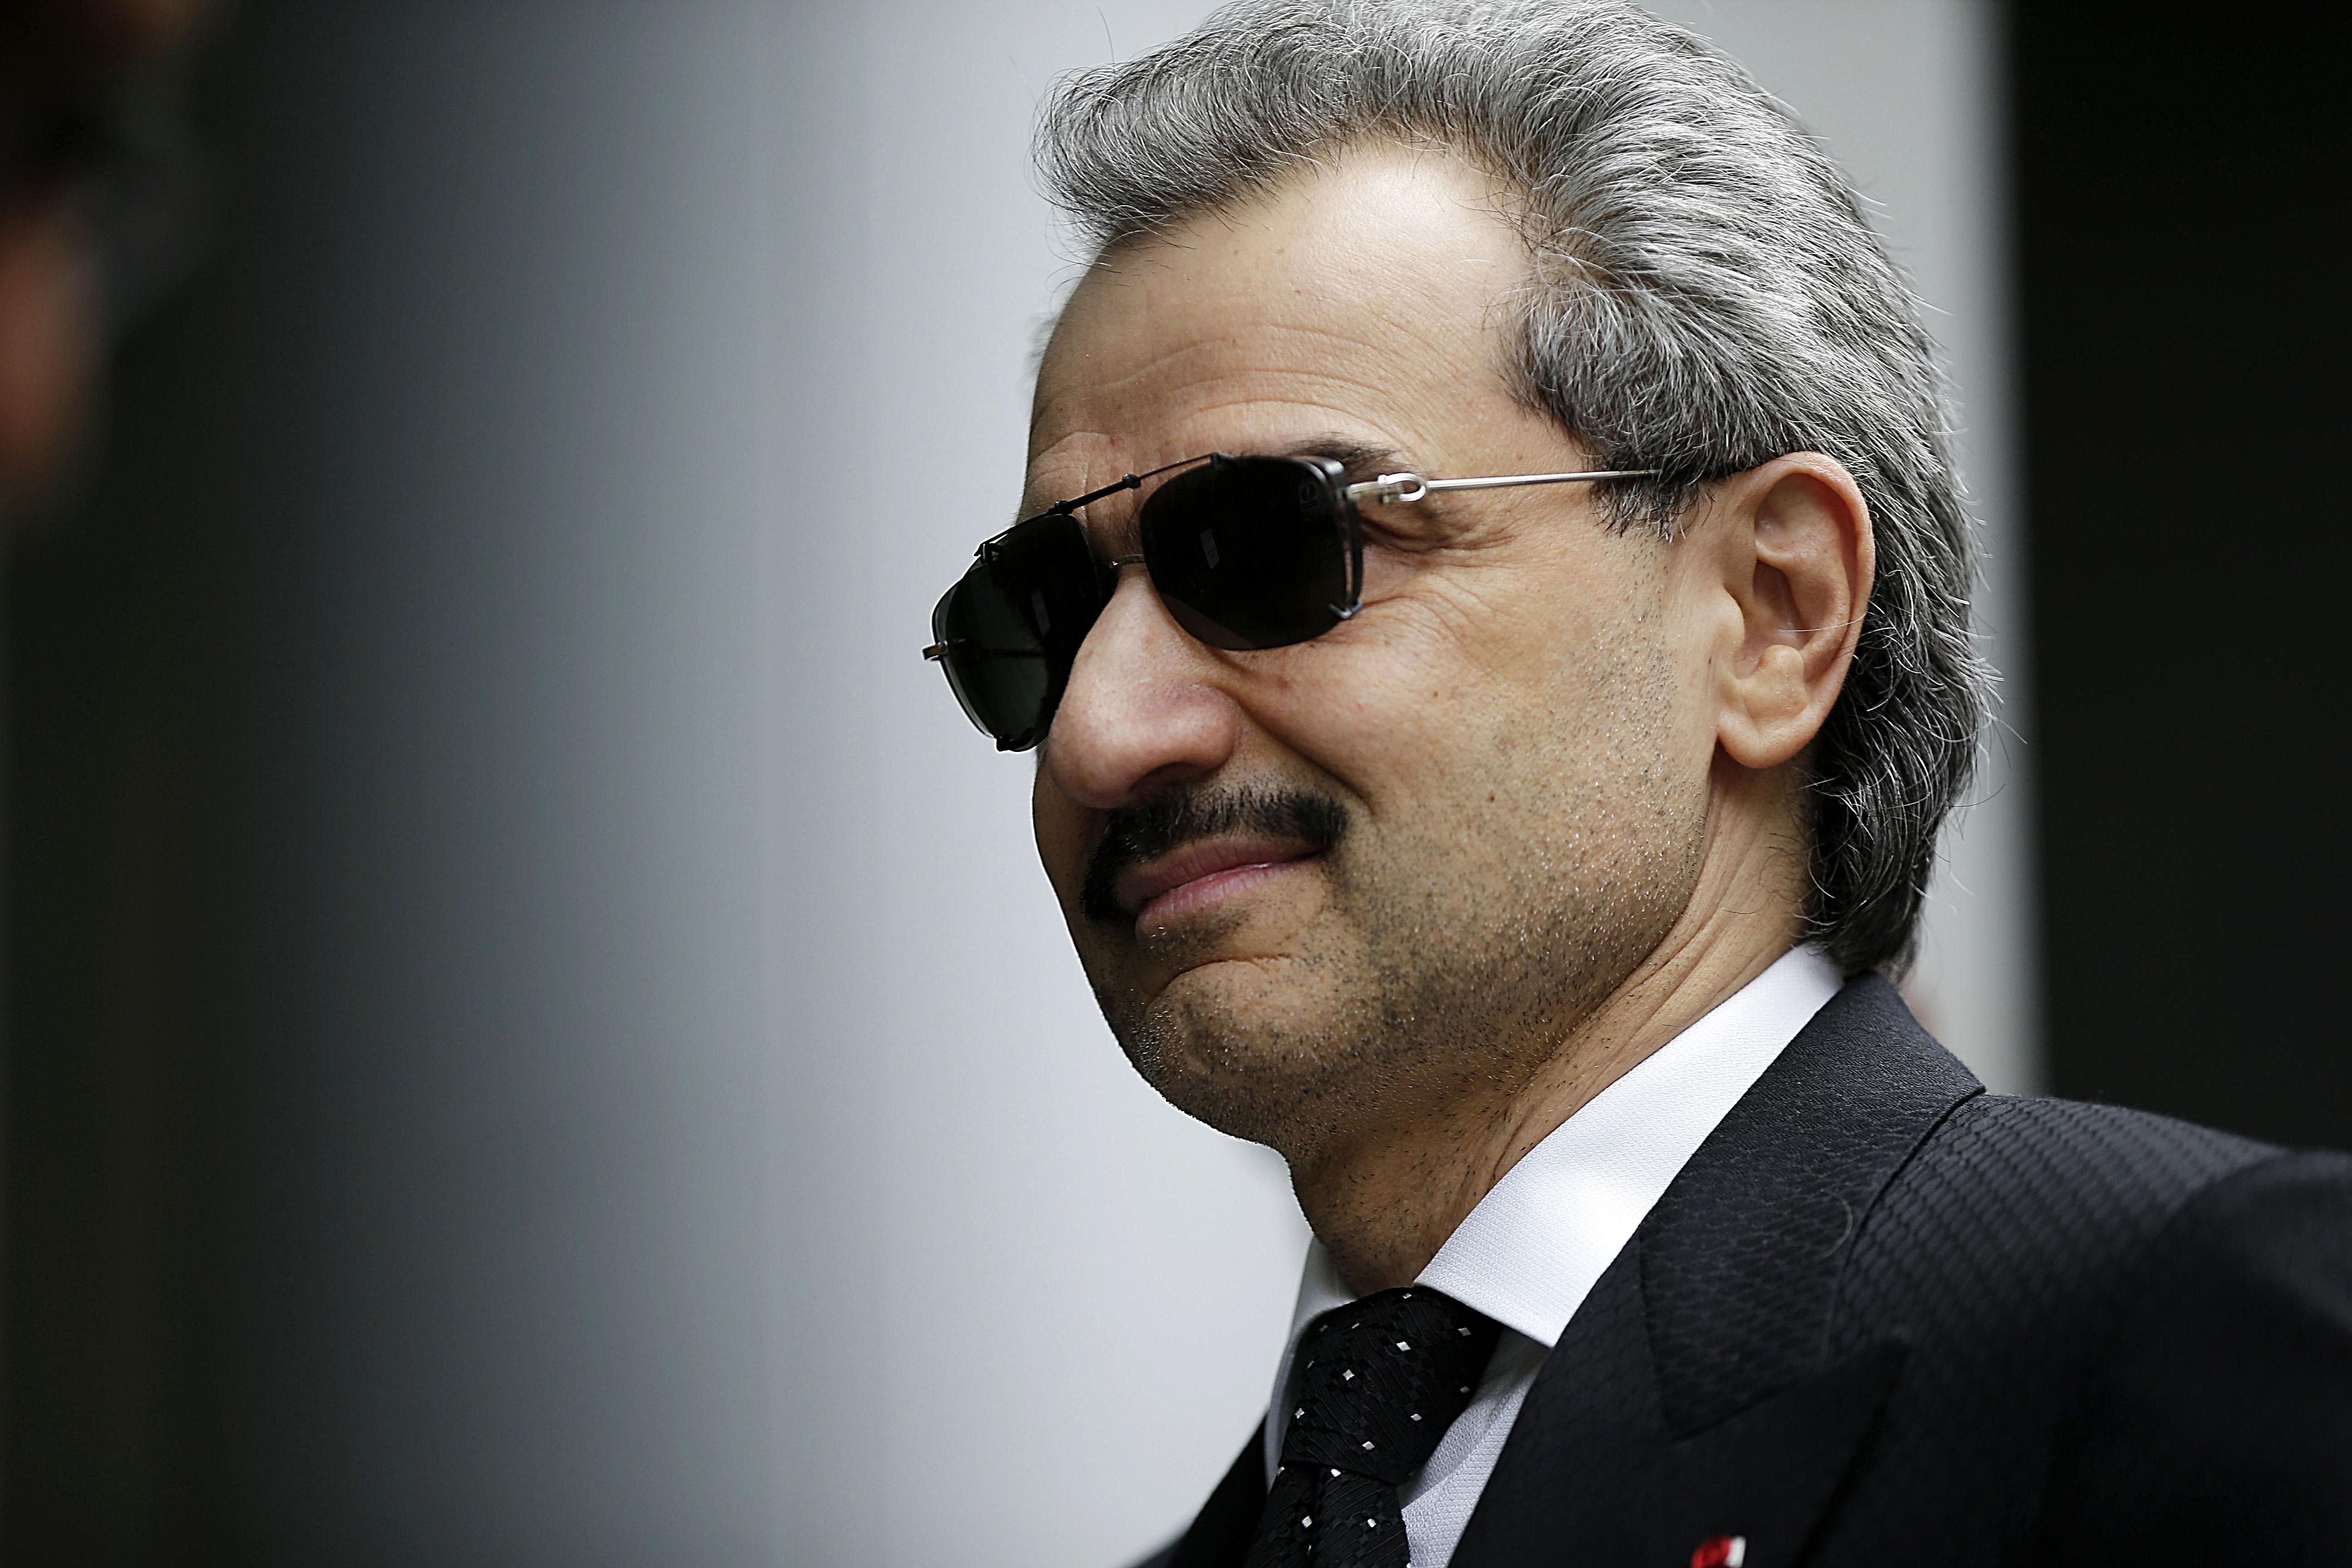 FILE: Saudi Arabia's Prince Alwaleed bin Talal Arrested